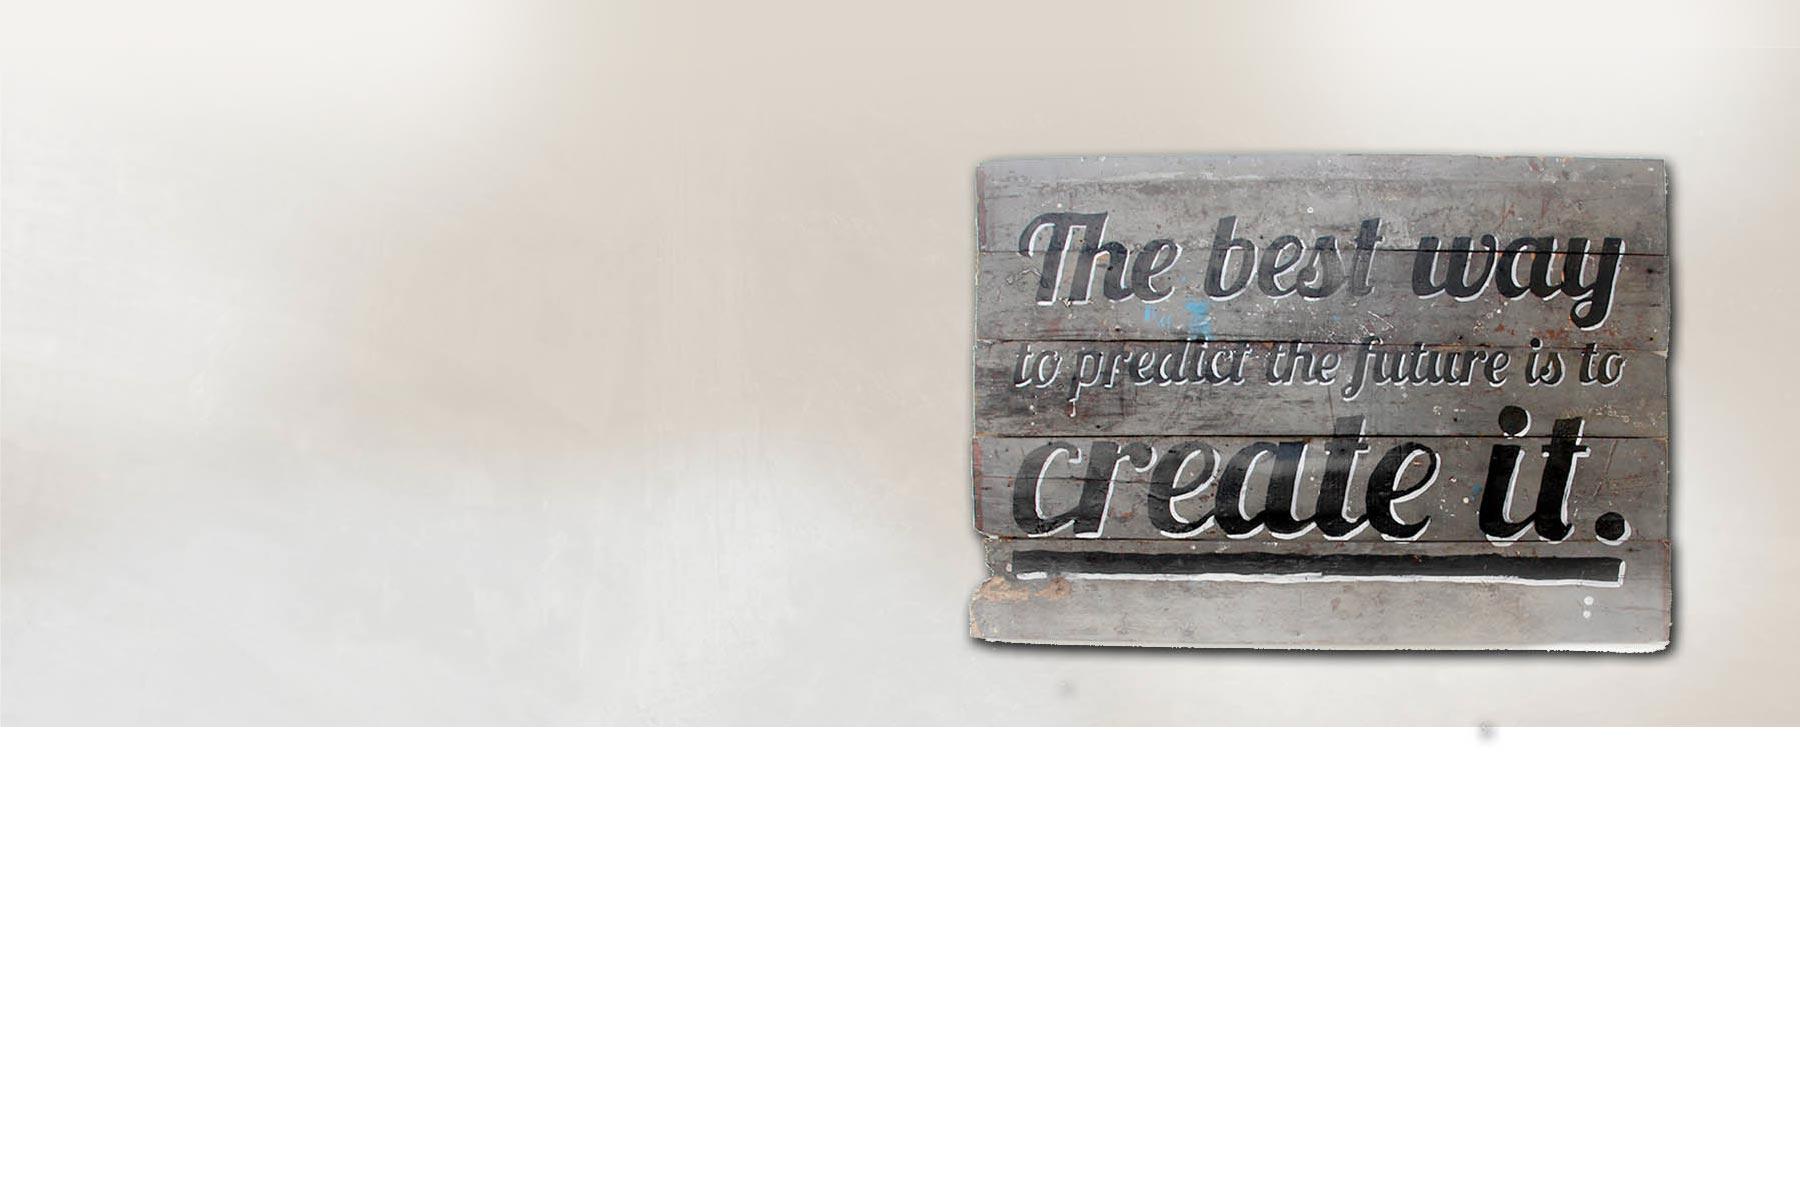 webtoprint agentur templates muenchen best way